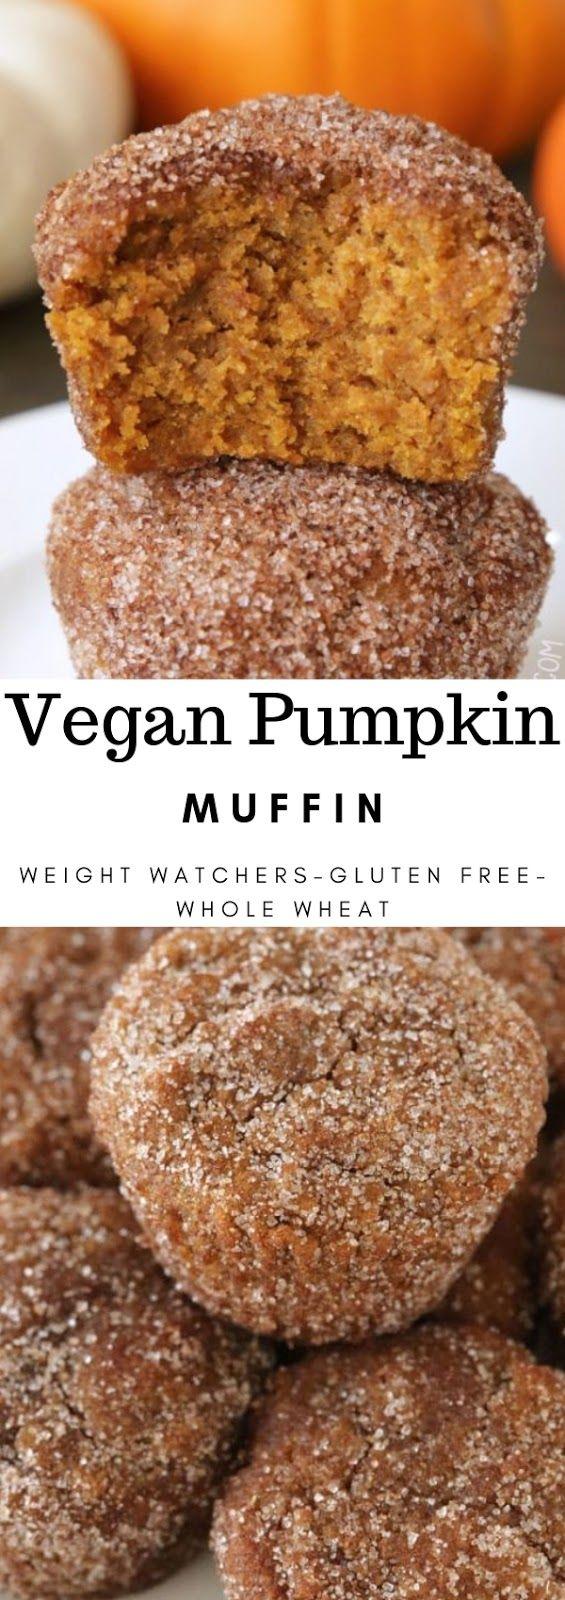 Vegan Pumpkin Muffins (gluten-free, whole wheat options) #breakfast #vegan #pumpkin #muffin #glutenfree #wholewheat #weightwatchers #cinnamon #glutenfreebreakfasts